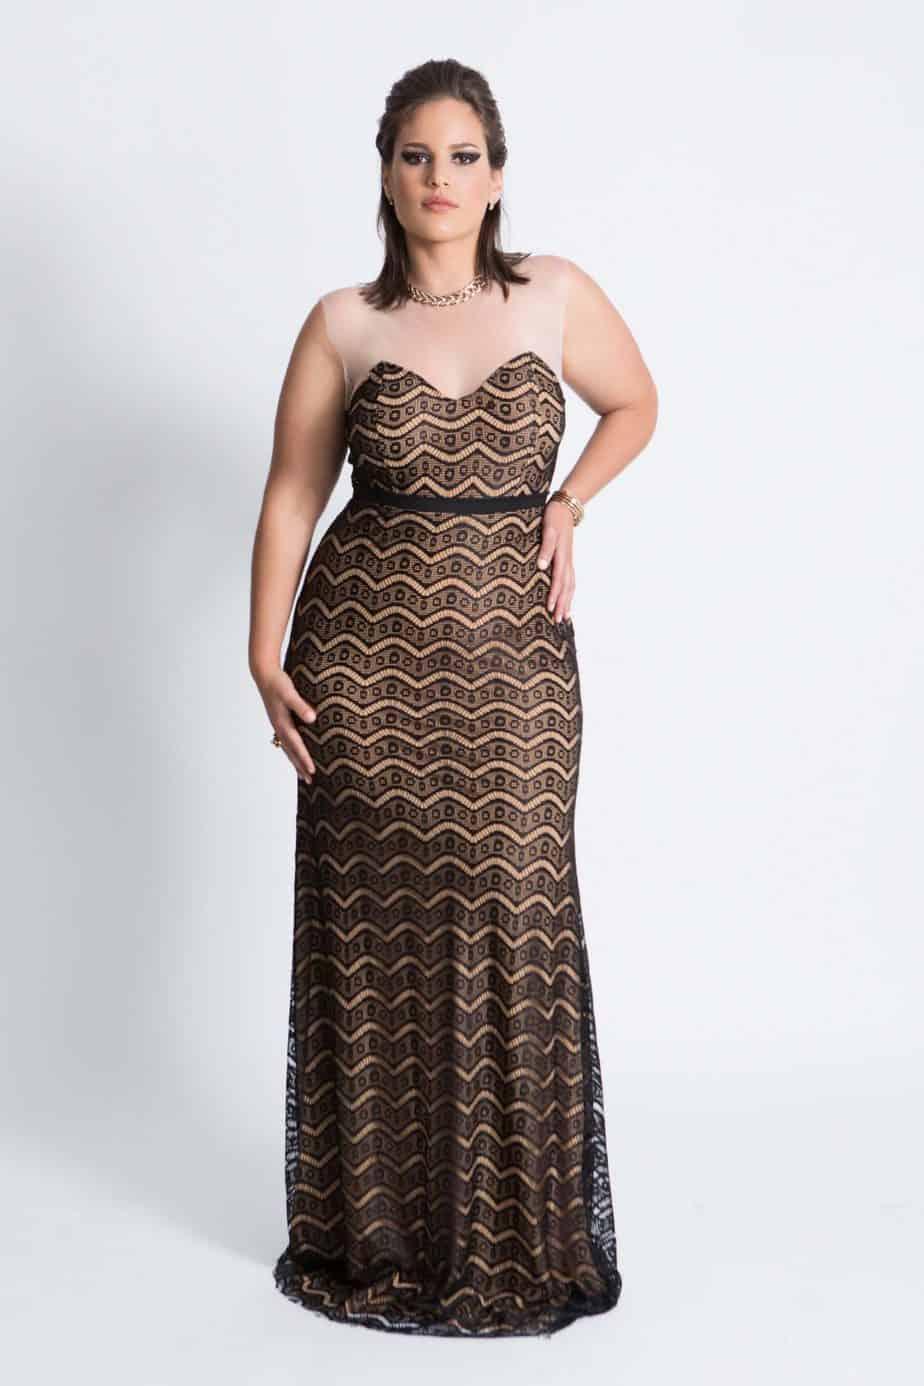 שמלה של רז אלנתן, צילום יח״צ - 4